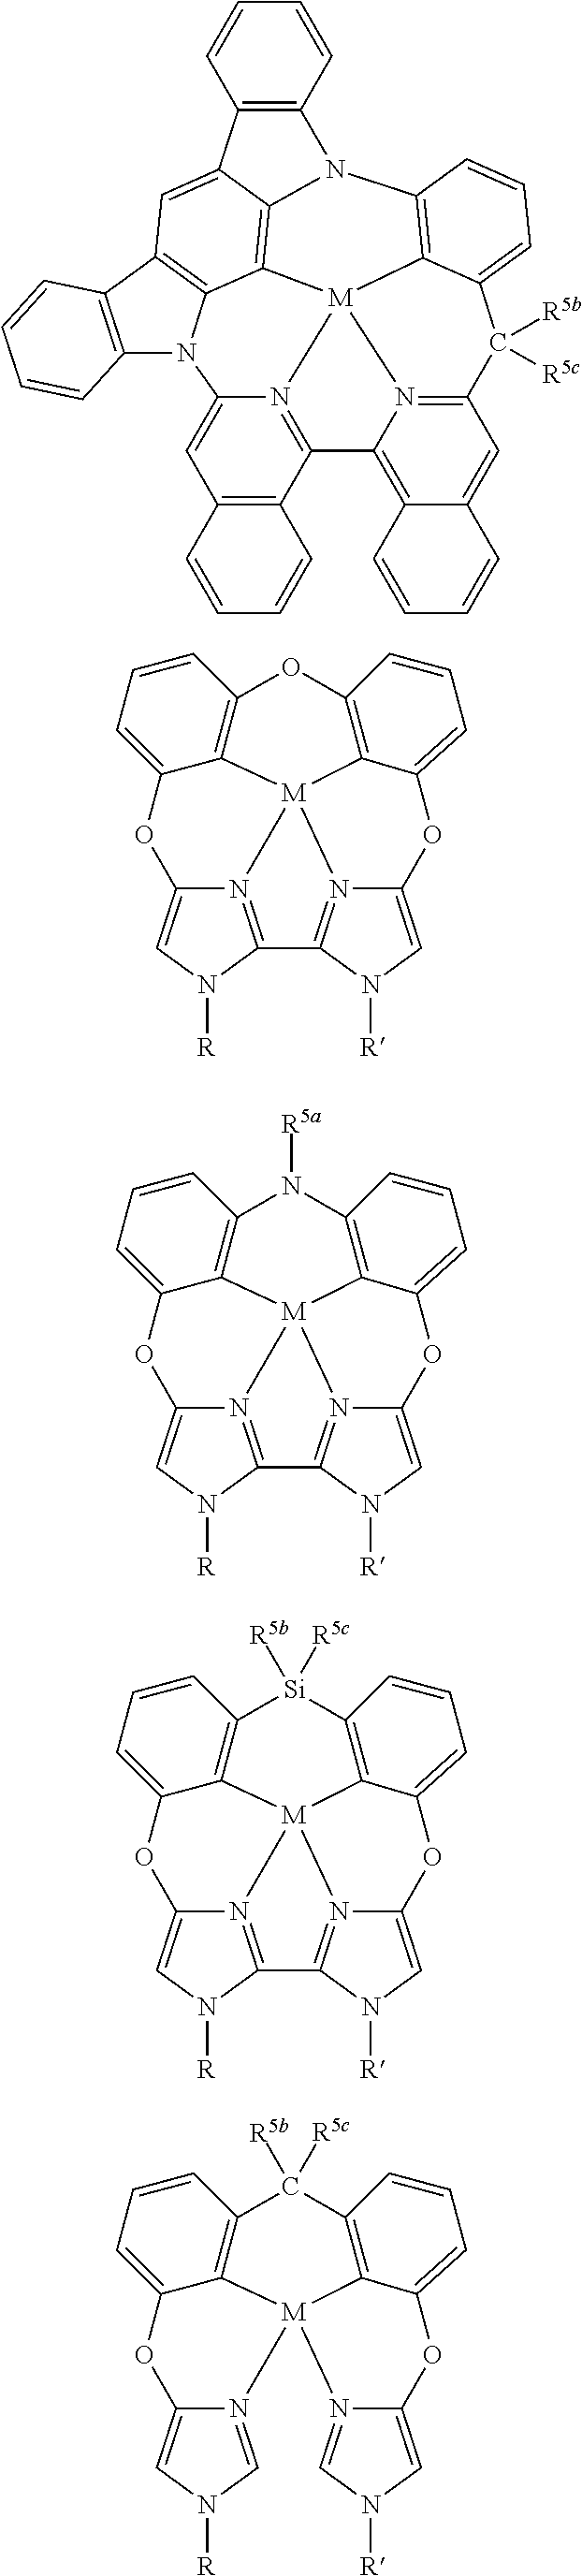 Figure US10158091-20181218-C00287